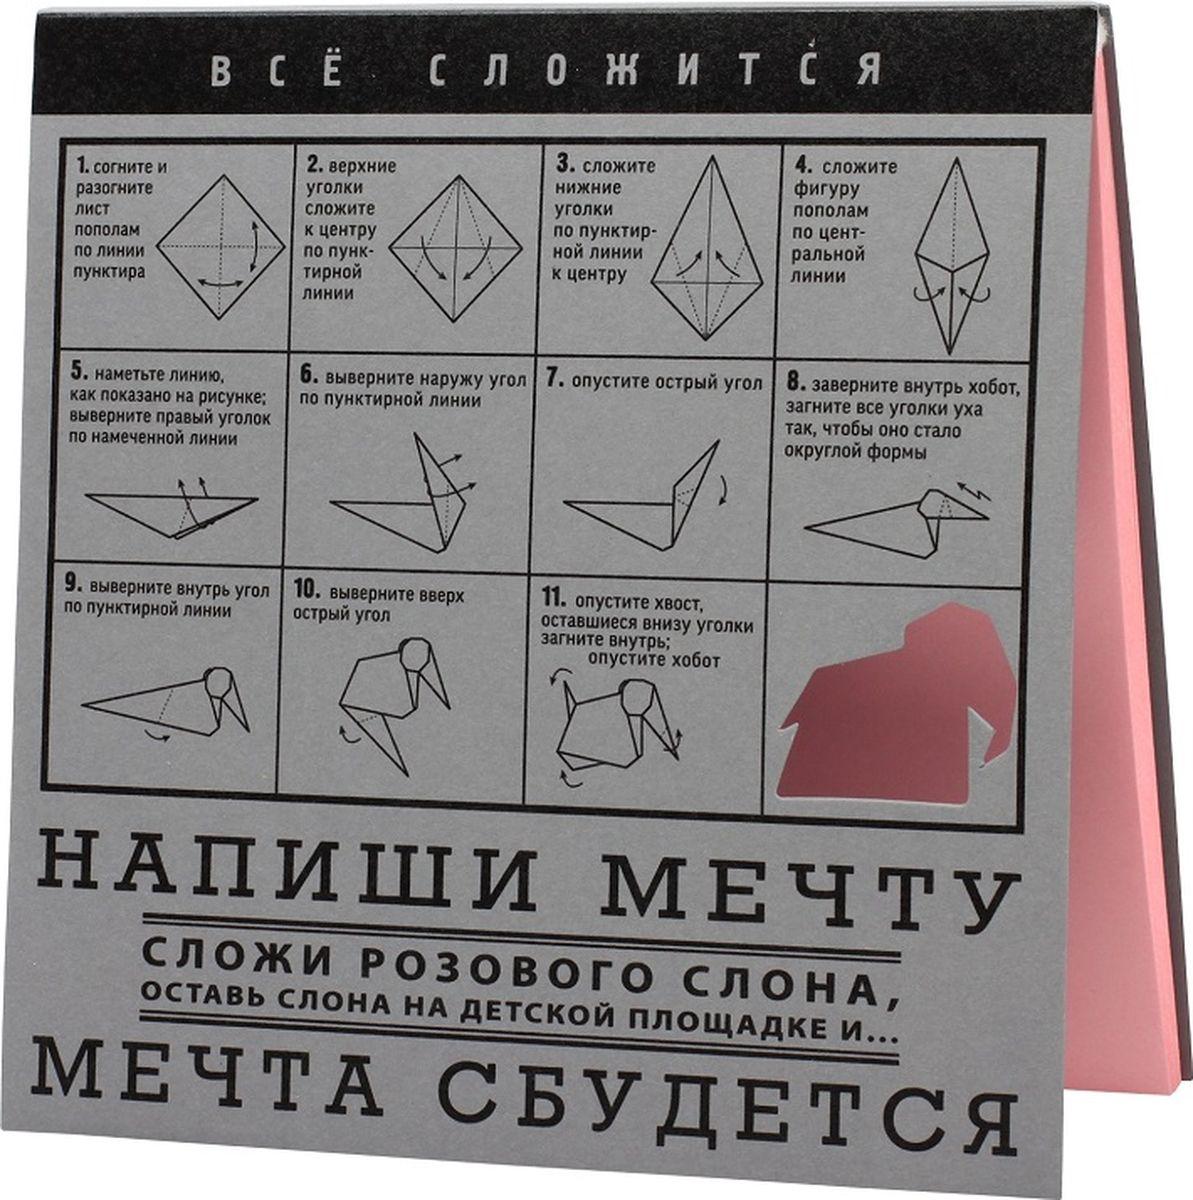 Бюро находок Блокнот Оригами Розовый слон 40 листов бюро находок блокнот оригами розовый слон 40 листов